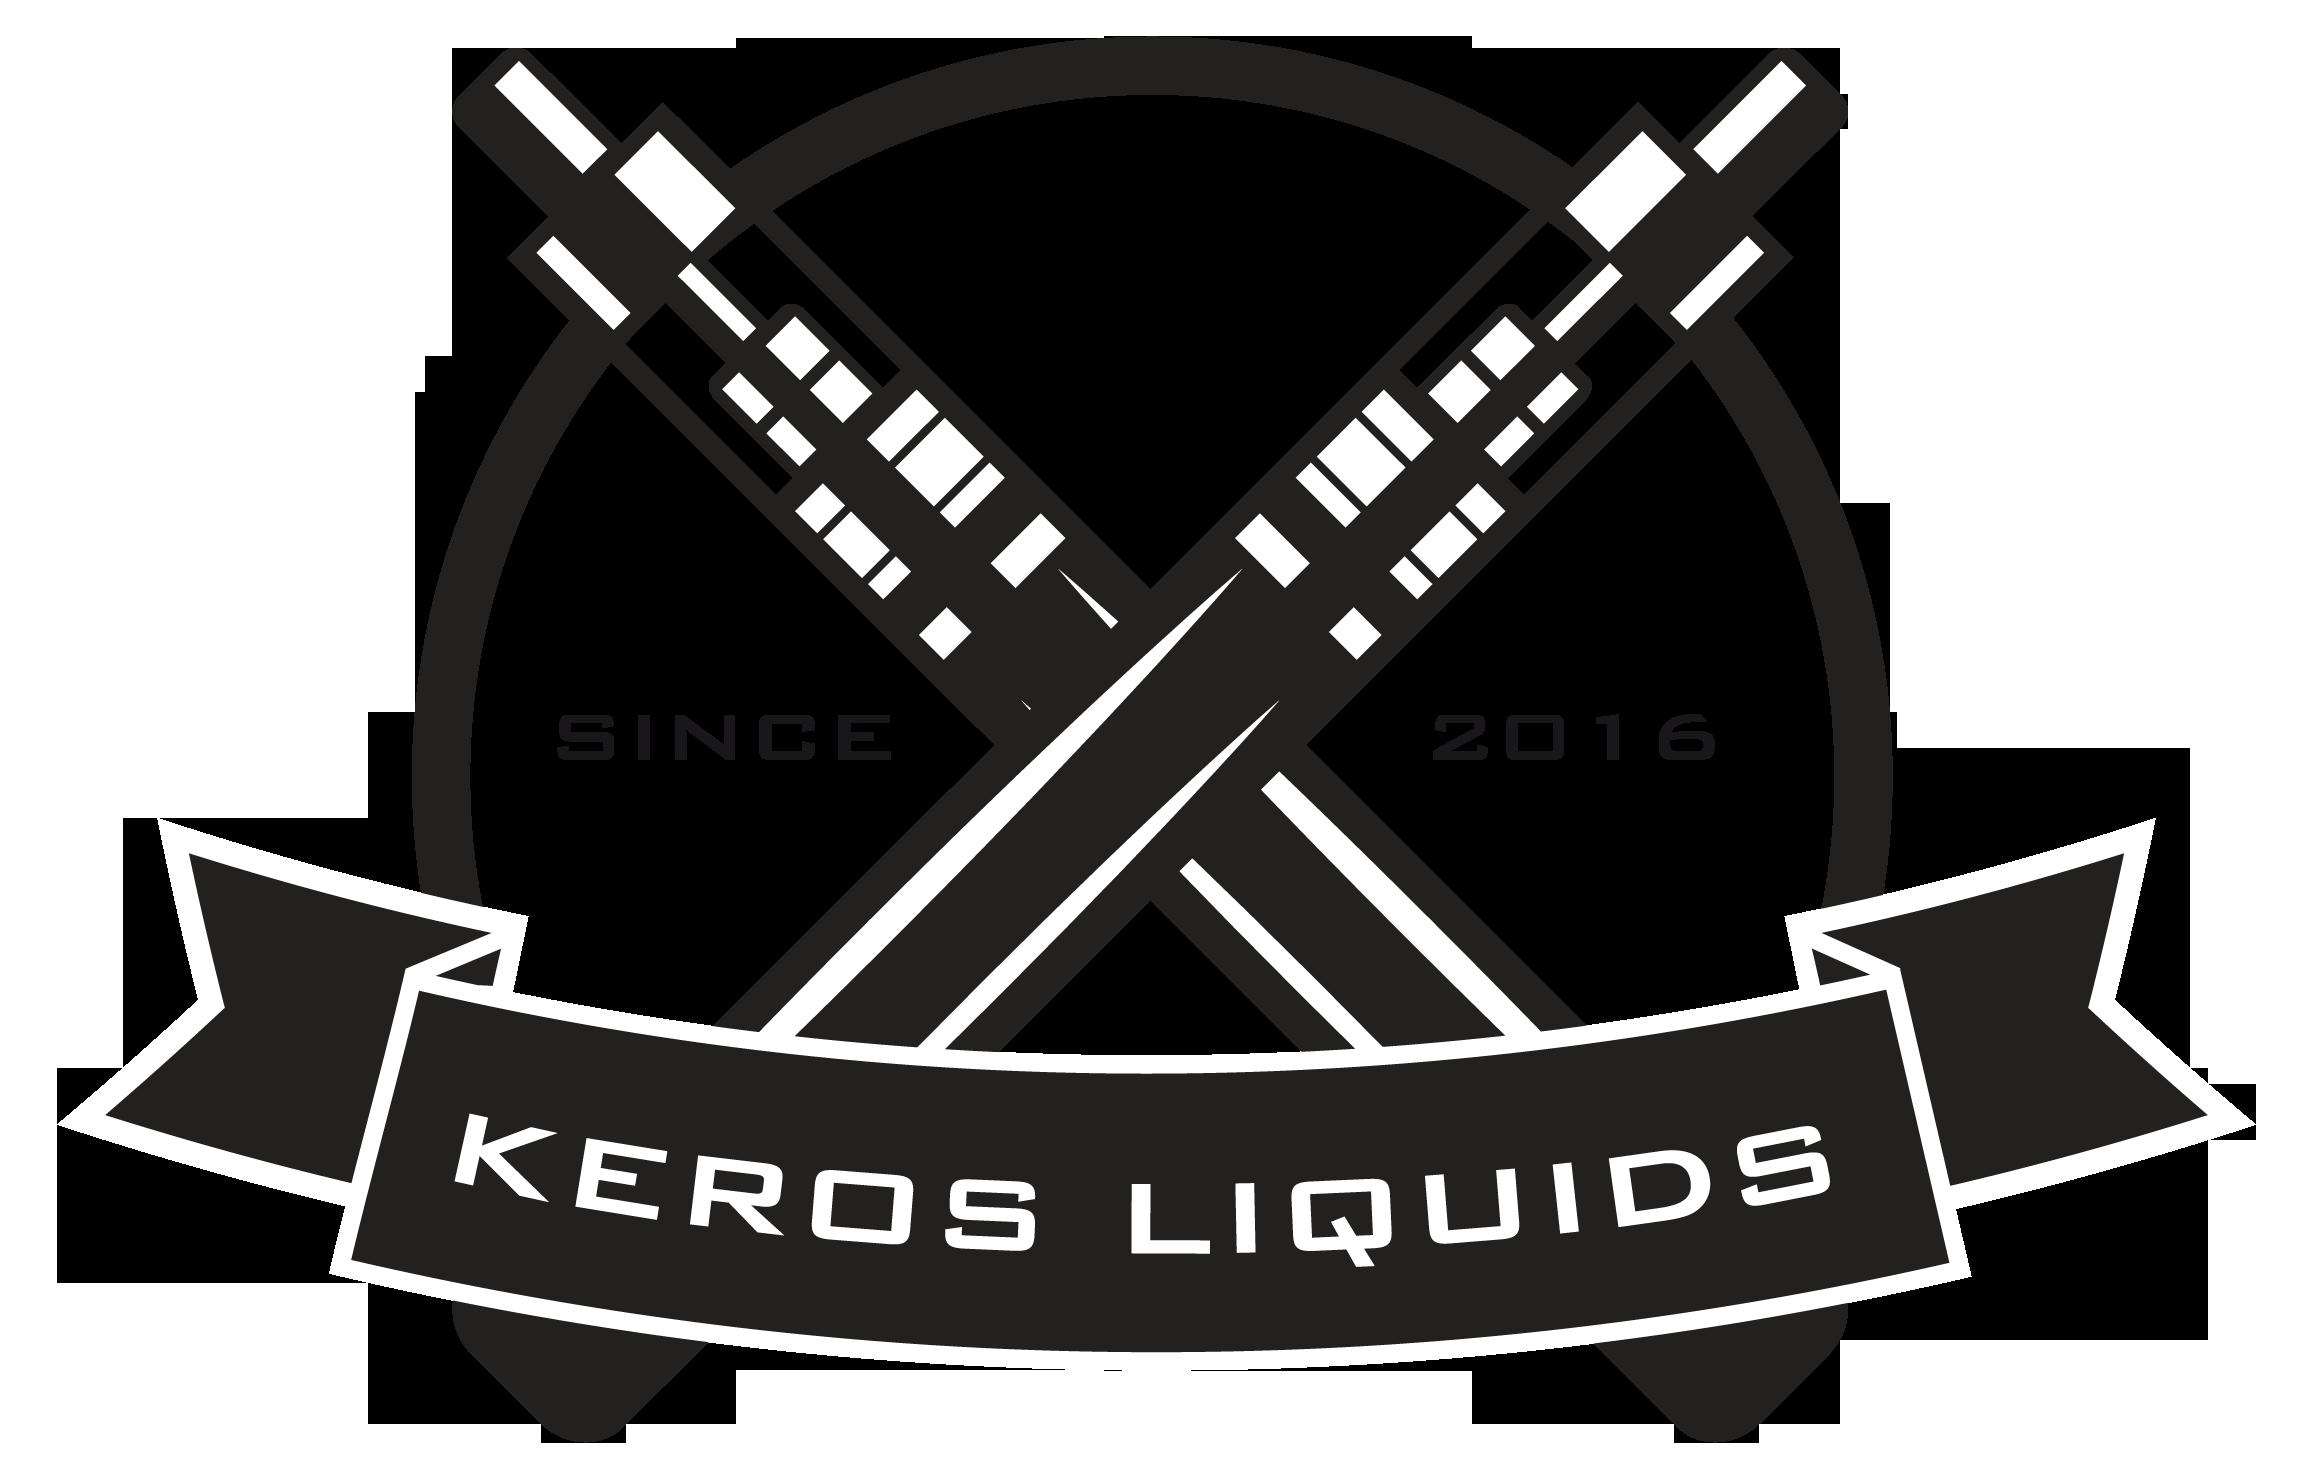 Kerosliquids